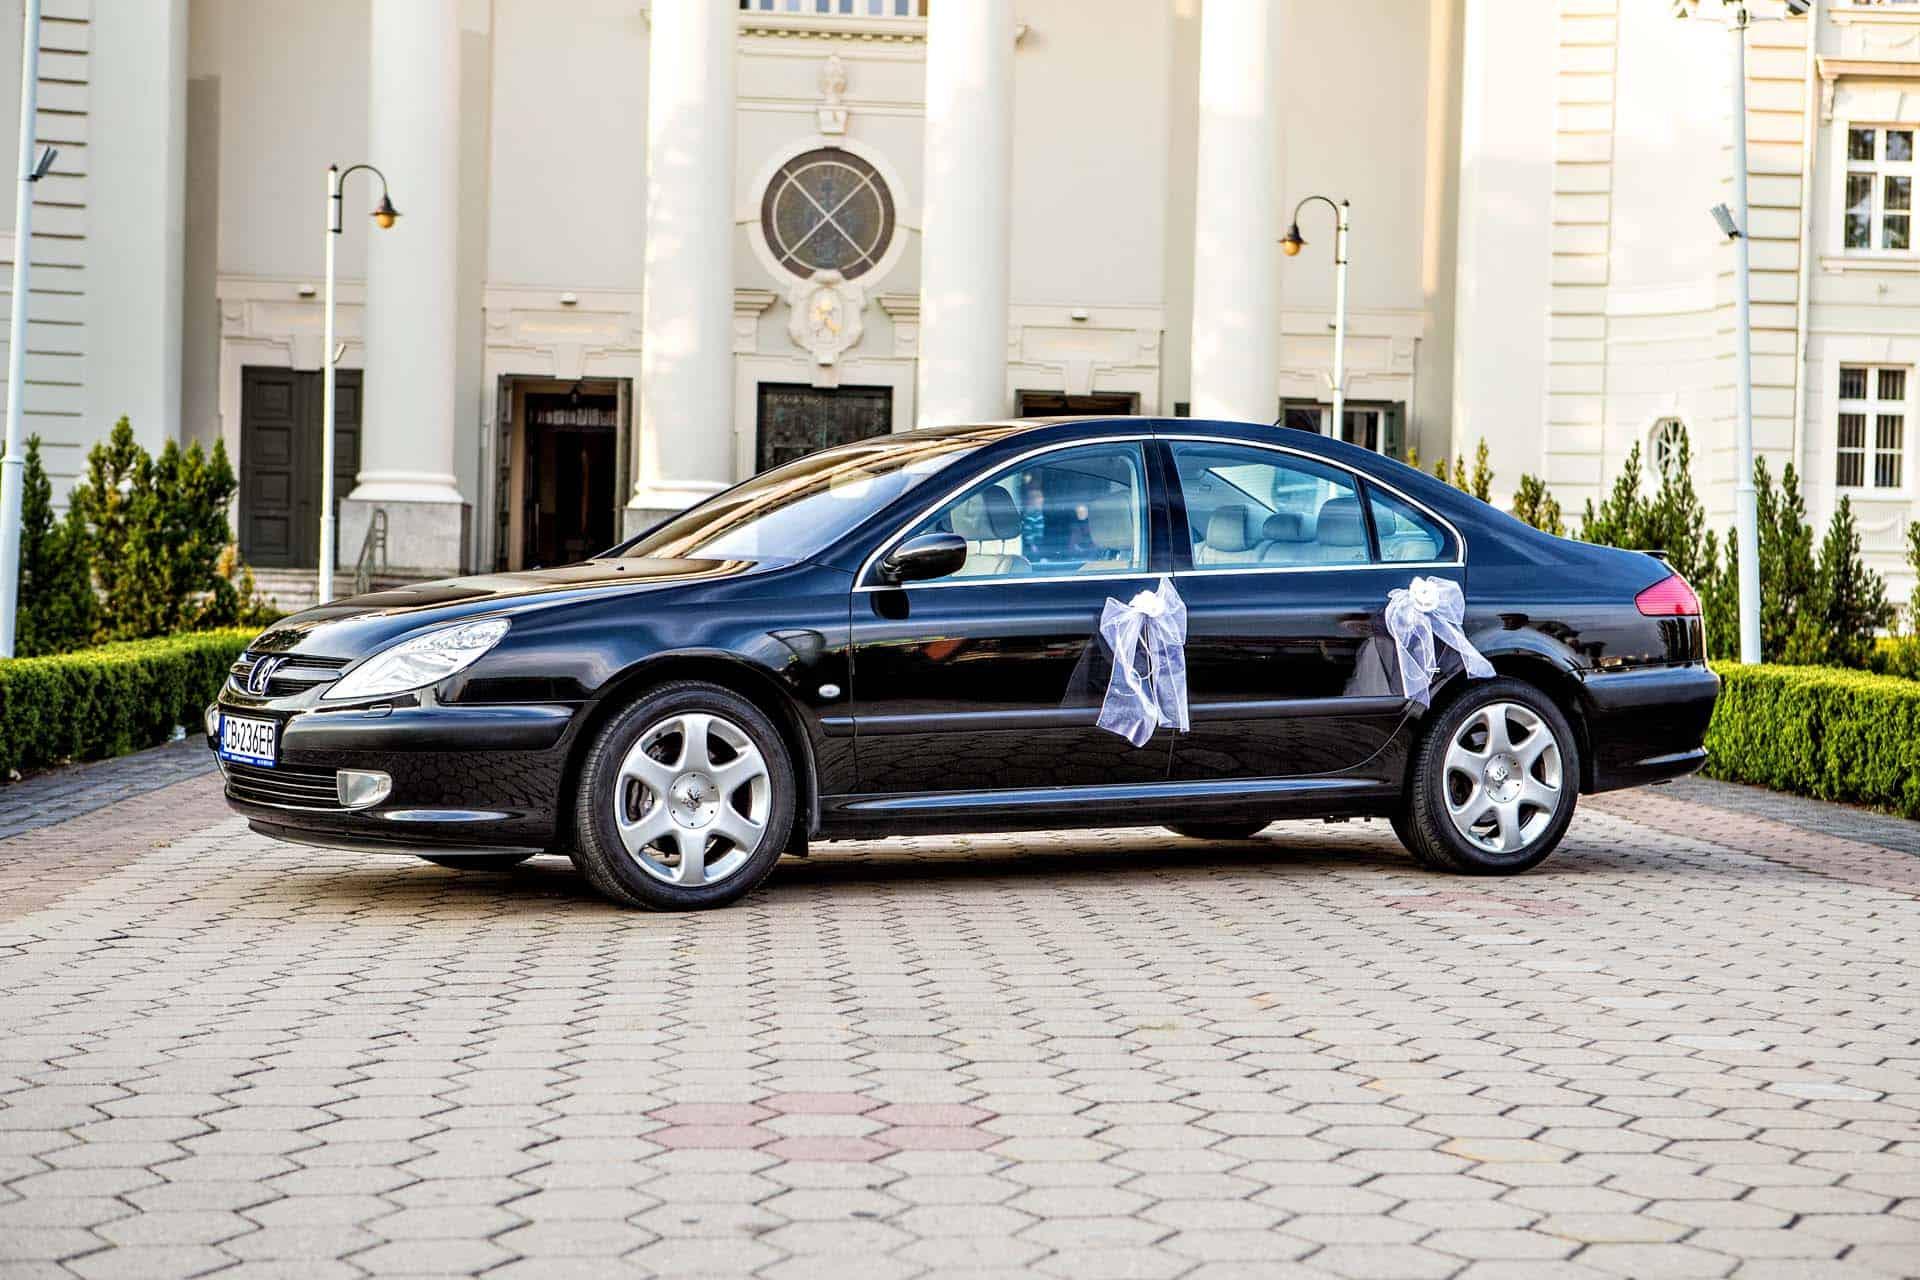 Samochód ślubny widziany z boku